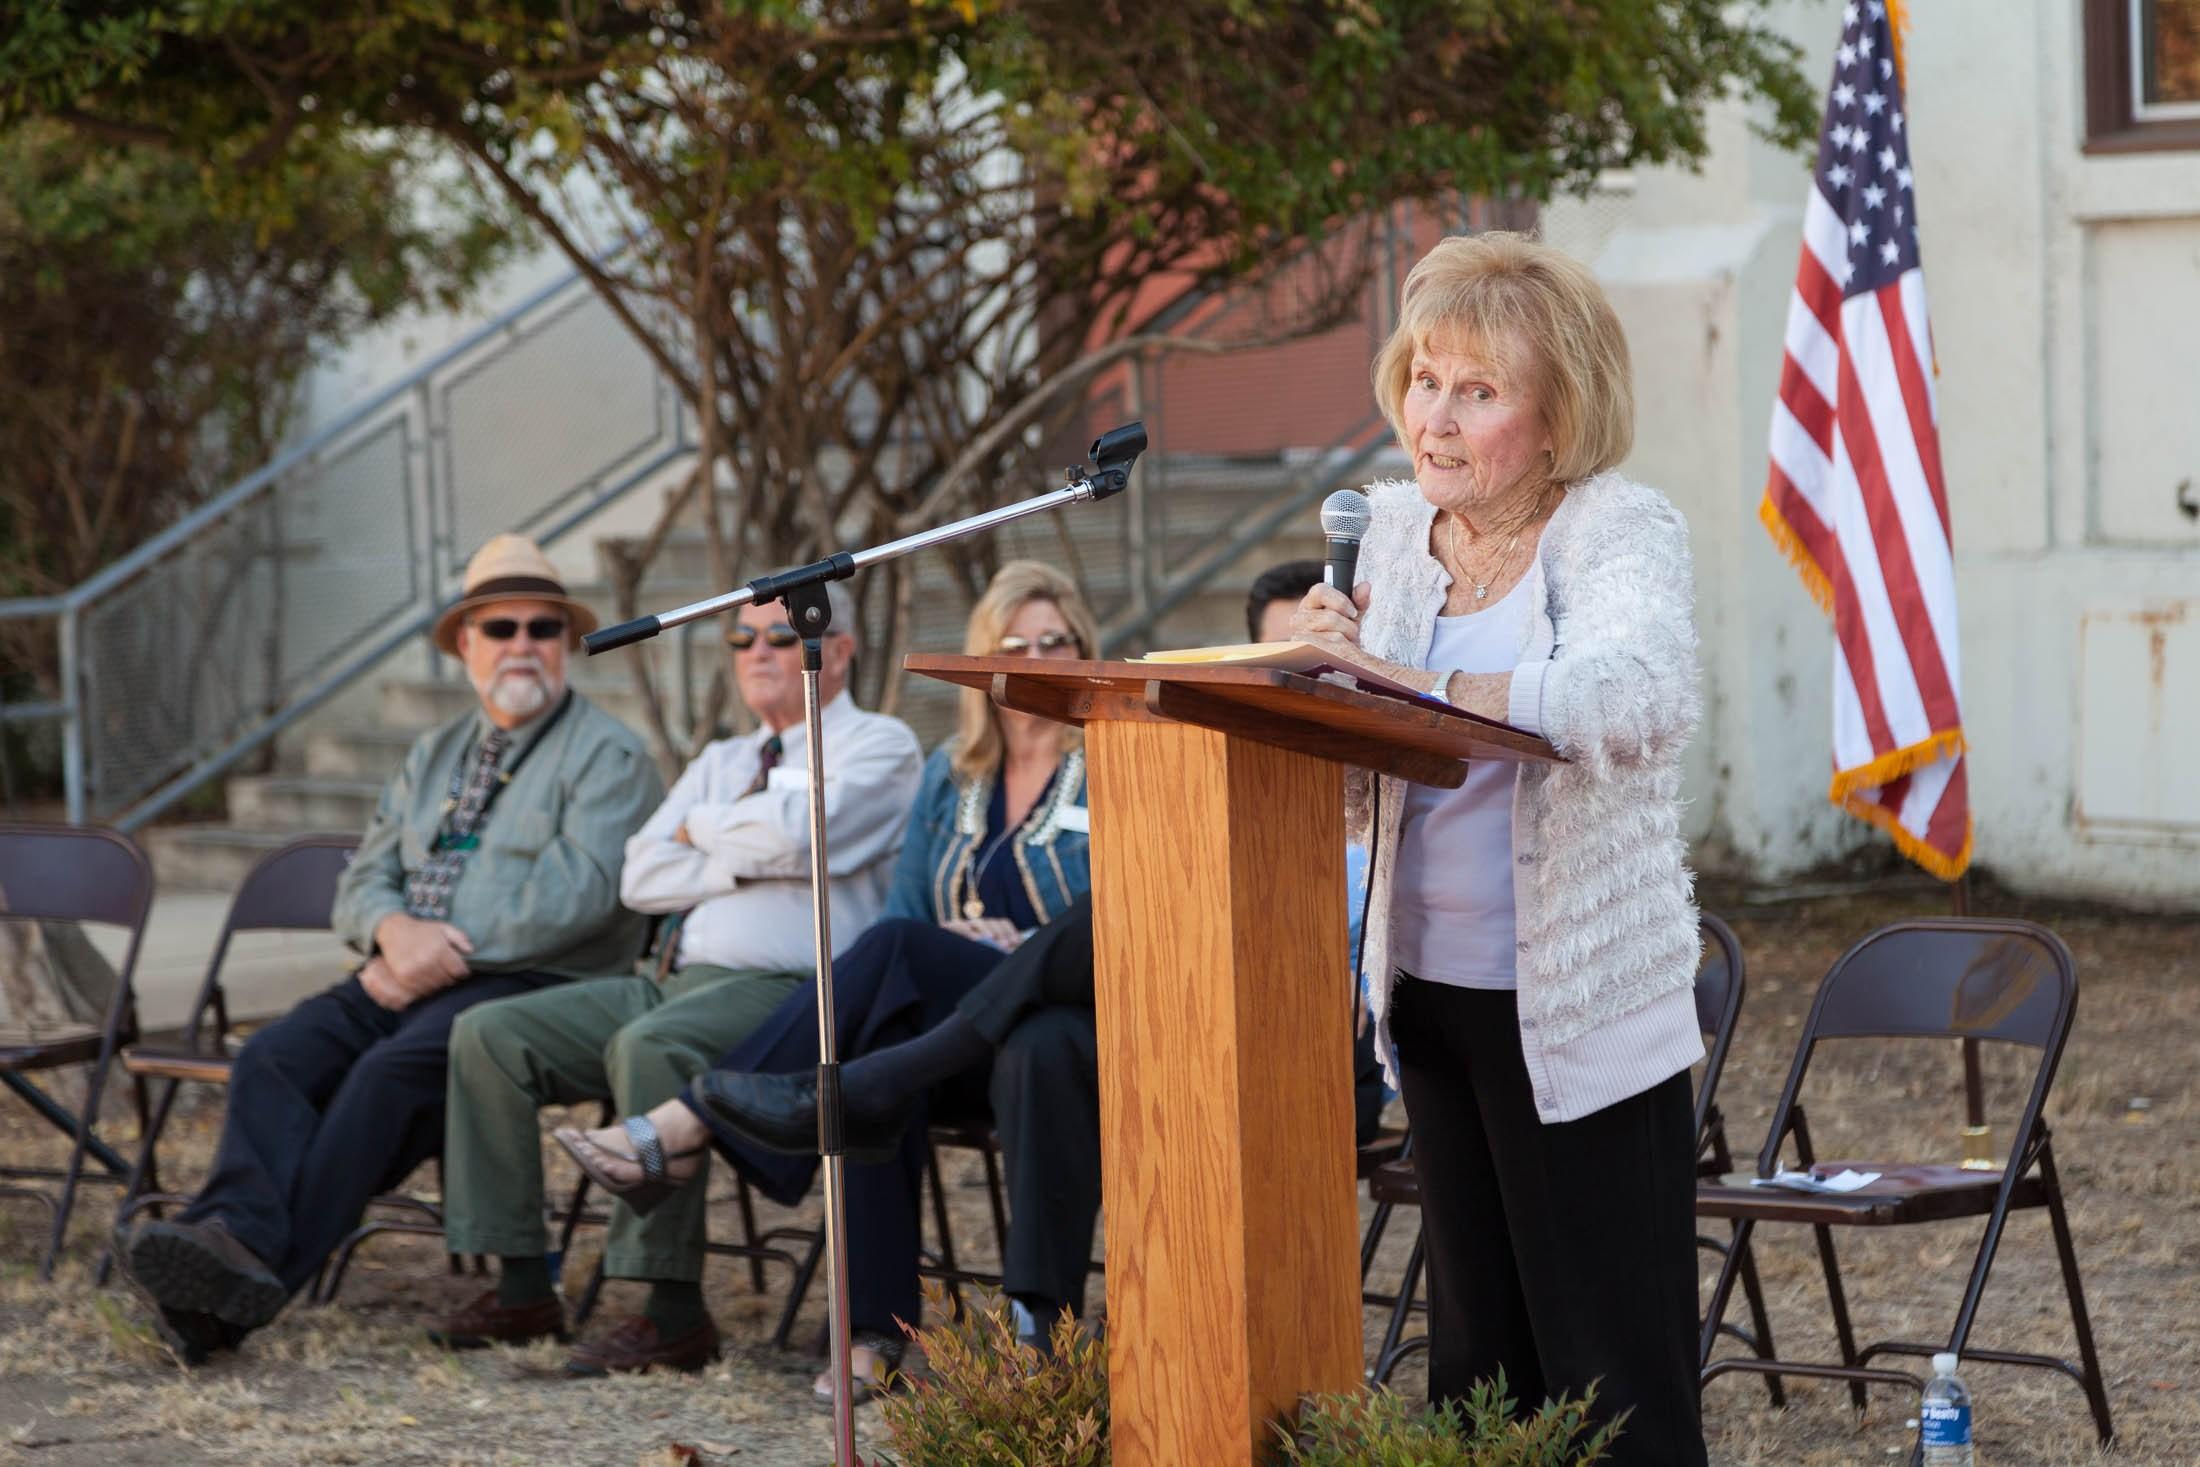 Marilyn Forst, Board Member